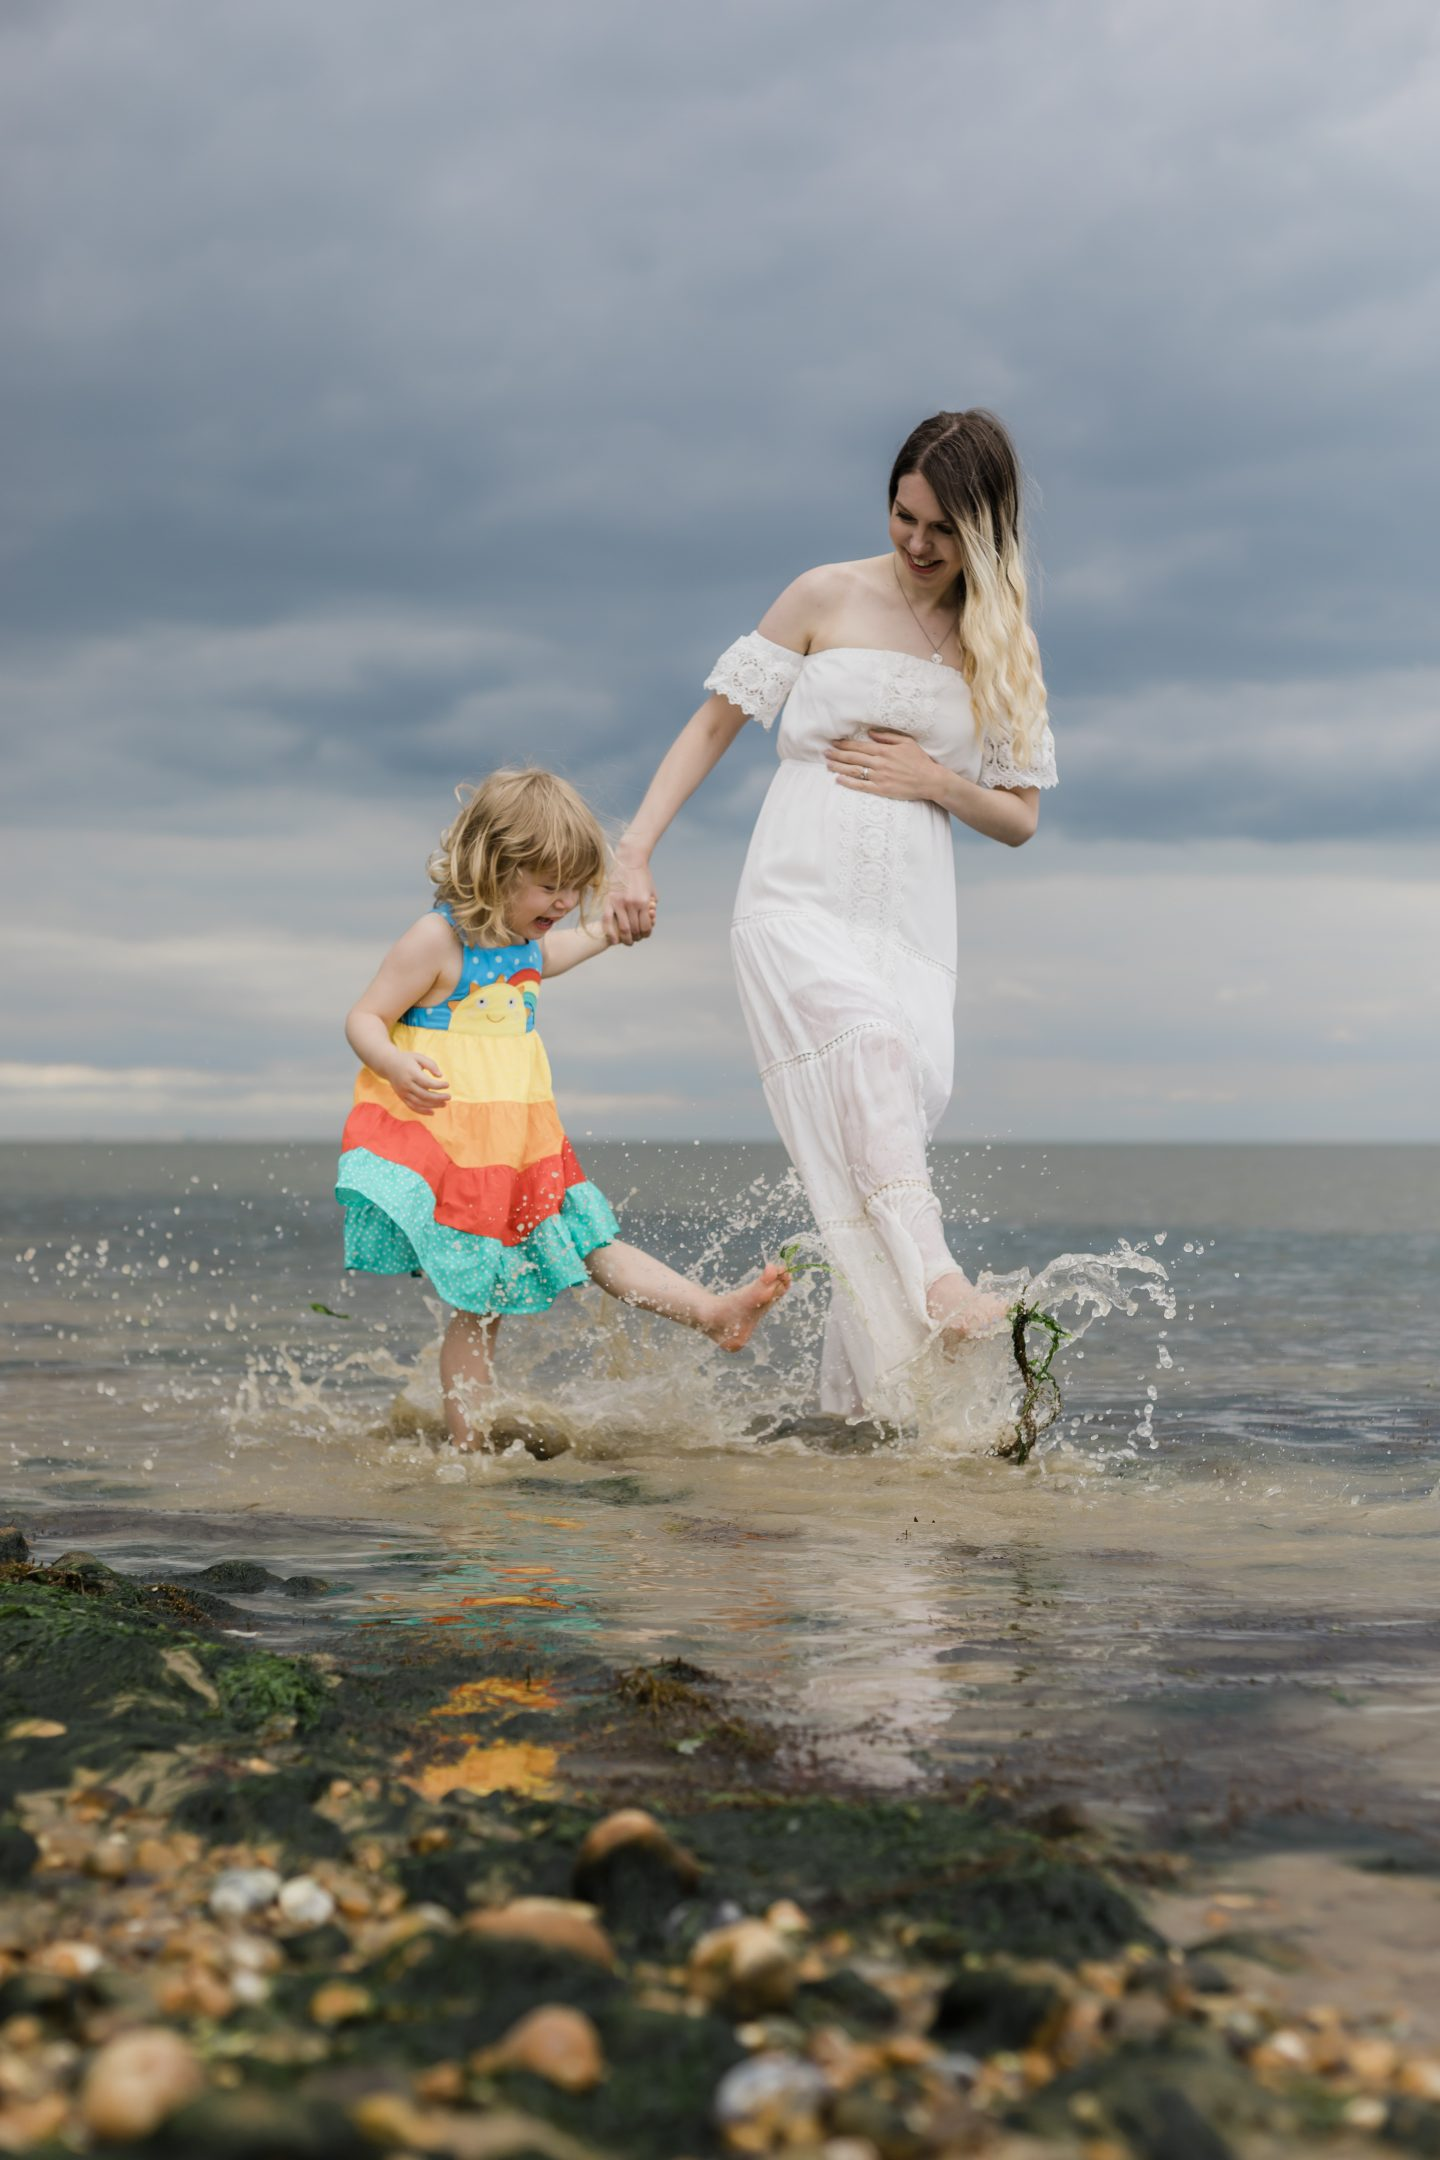 Mum splashing in sea with child